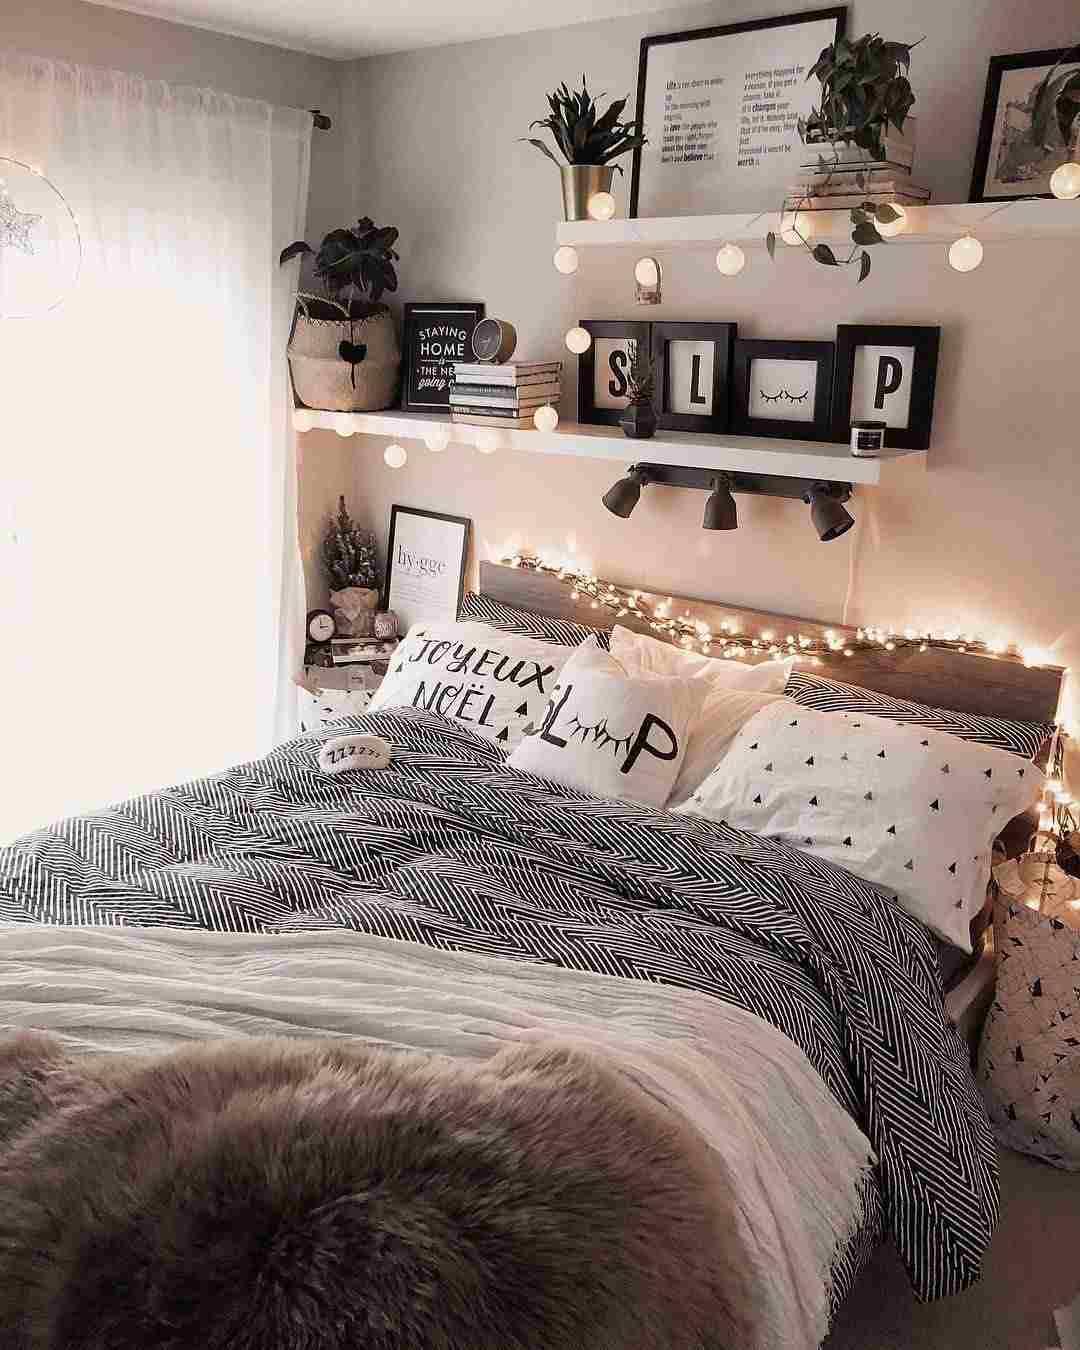 Bettwasche Tumblr Schlafzimmer Regal Beim Bett Schlafzimmer Regale